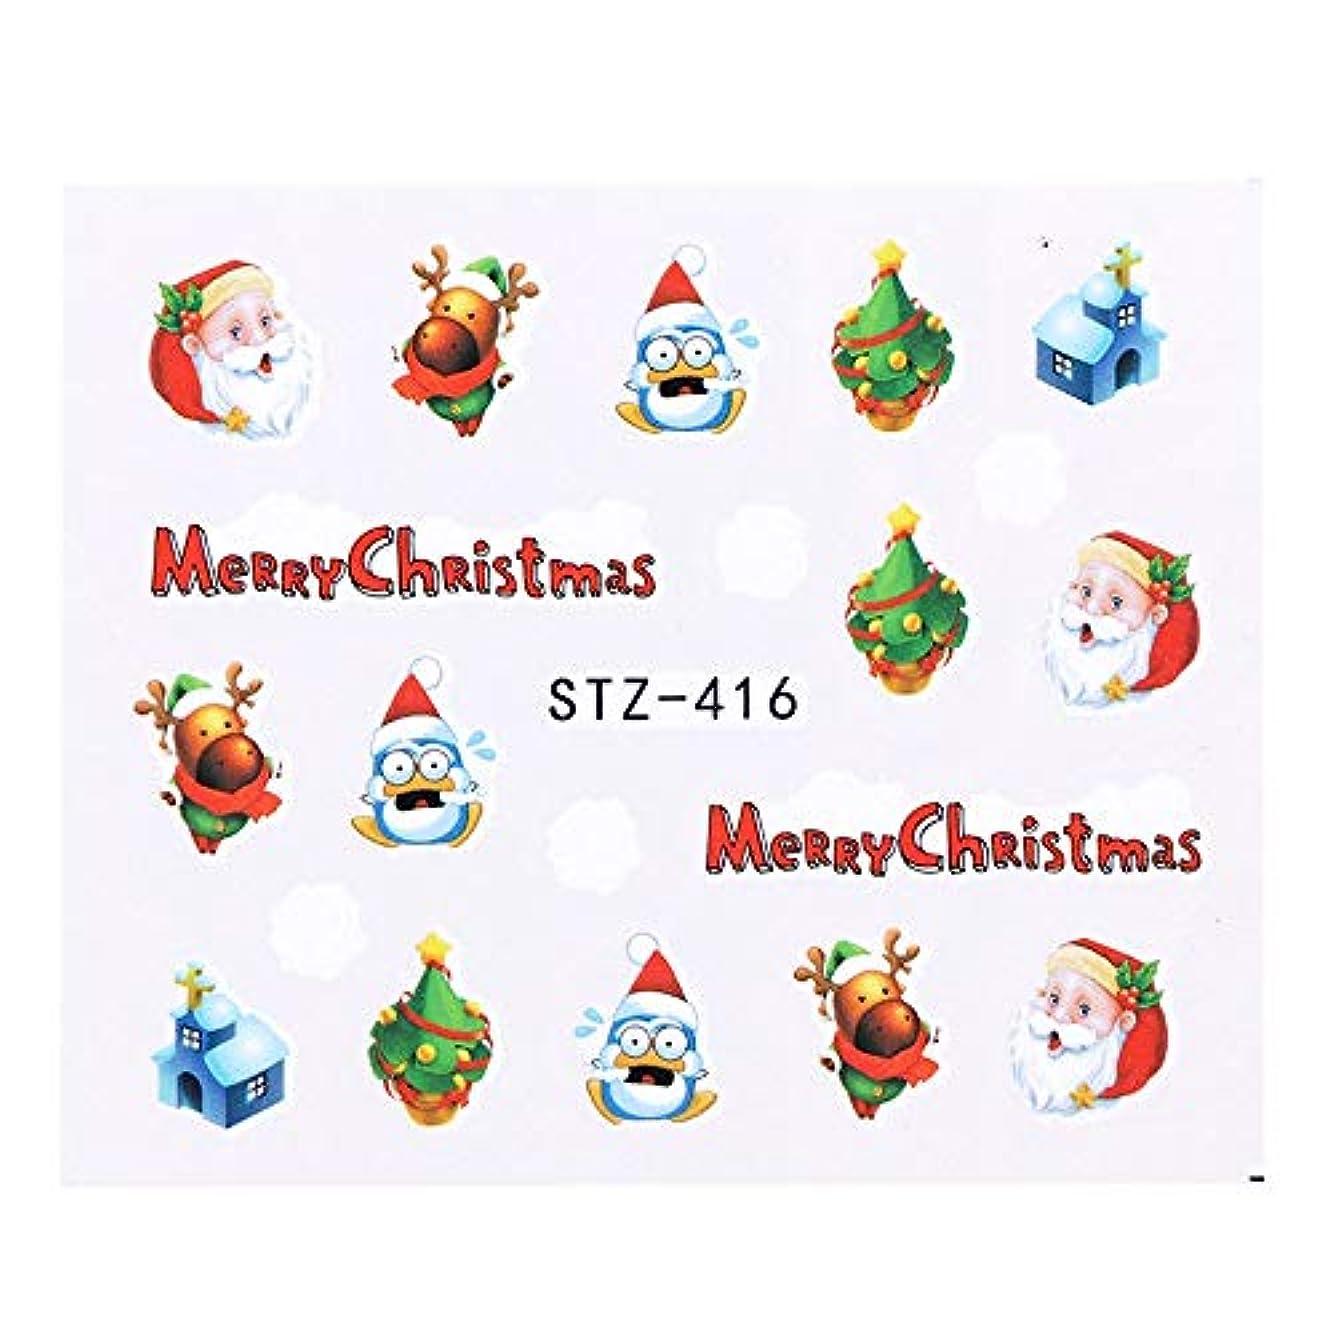 ペンス散髪湿原1シートクリスマスネイルアートウォーターステッカー漫画ヘラジカ雪だるまフルカバースライダーのヒントポーランドゲルジェルネイル装飾SASTZ405-438 STZ416